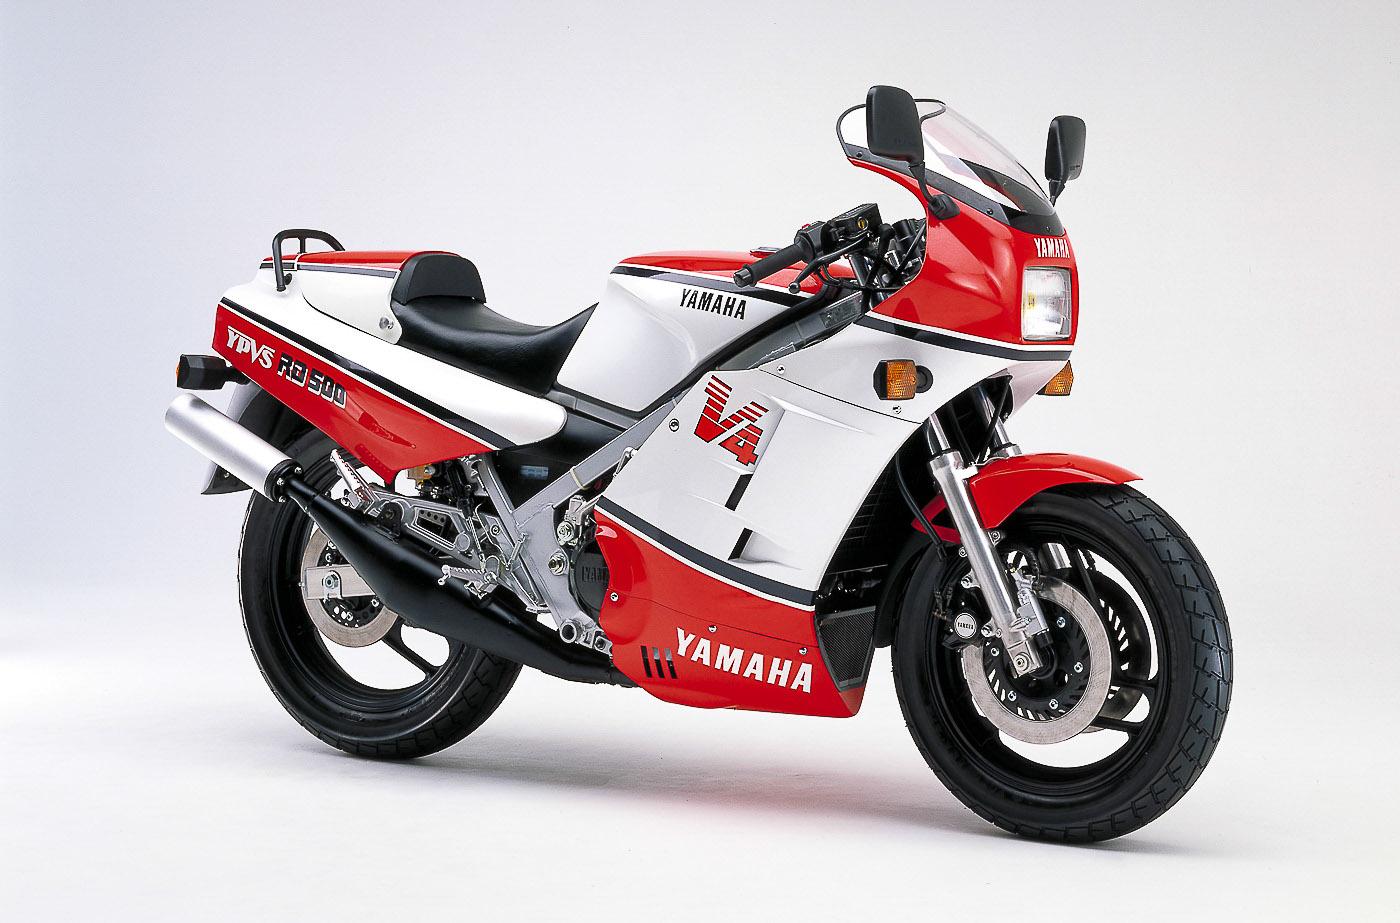 YAMAHA RD 500 (1984 - 1989)